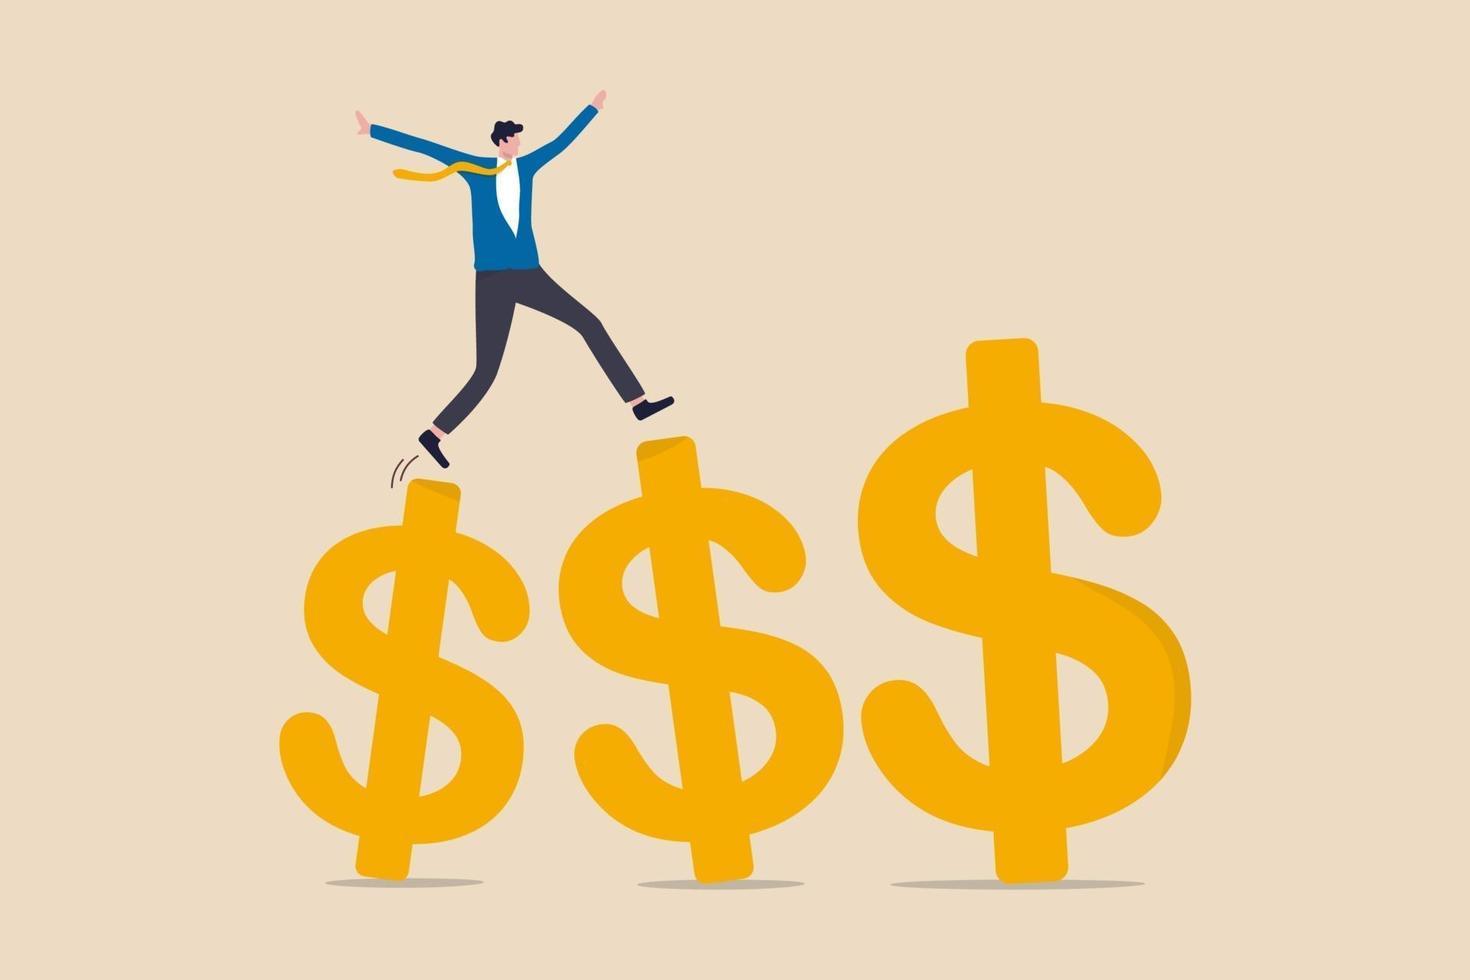 tillväxt som tjänar investeringar, ökar inkomster och bonus i karriär eller framgång i finansiell affärsidé, affärsman professionell chef som går och hoppar på tillväxt gyllene dollartecken. vektor